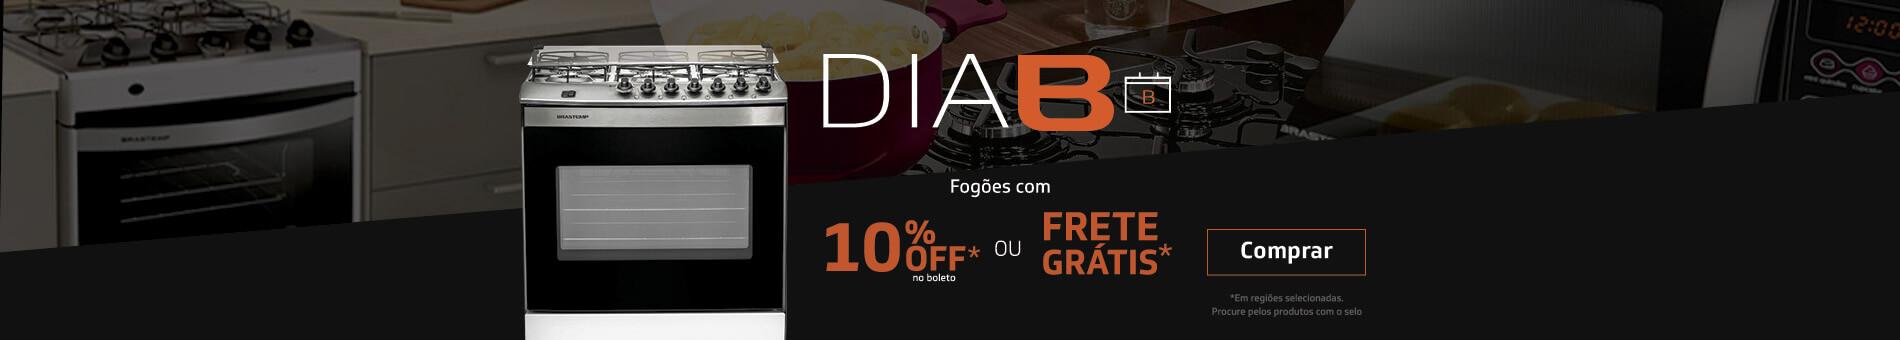 Promoção Interna - 1022 - diab_fogoes_home2_26102016 - fogoes - 2